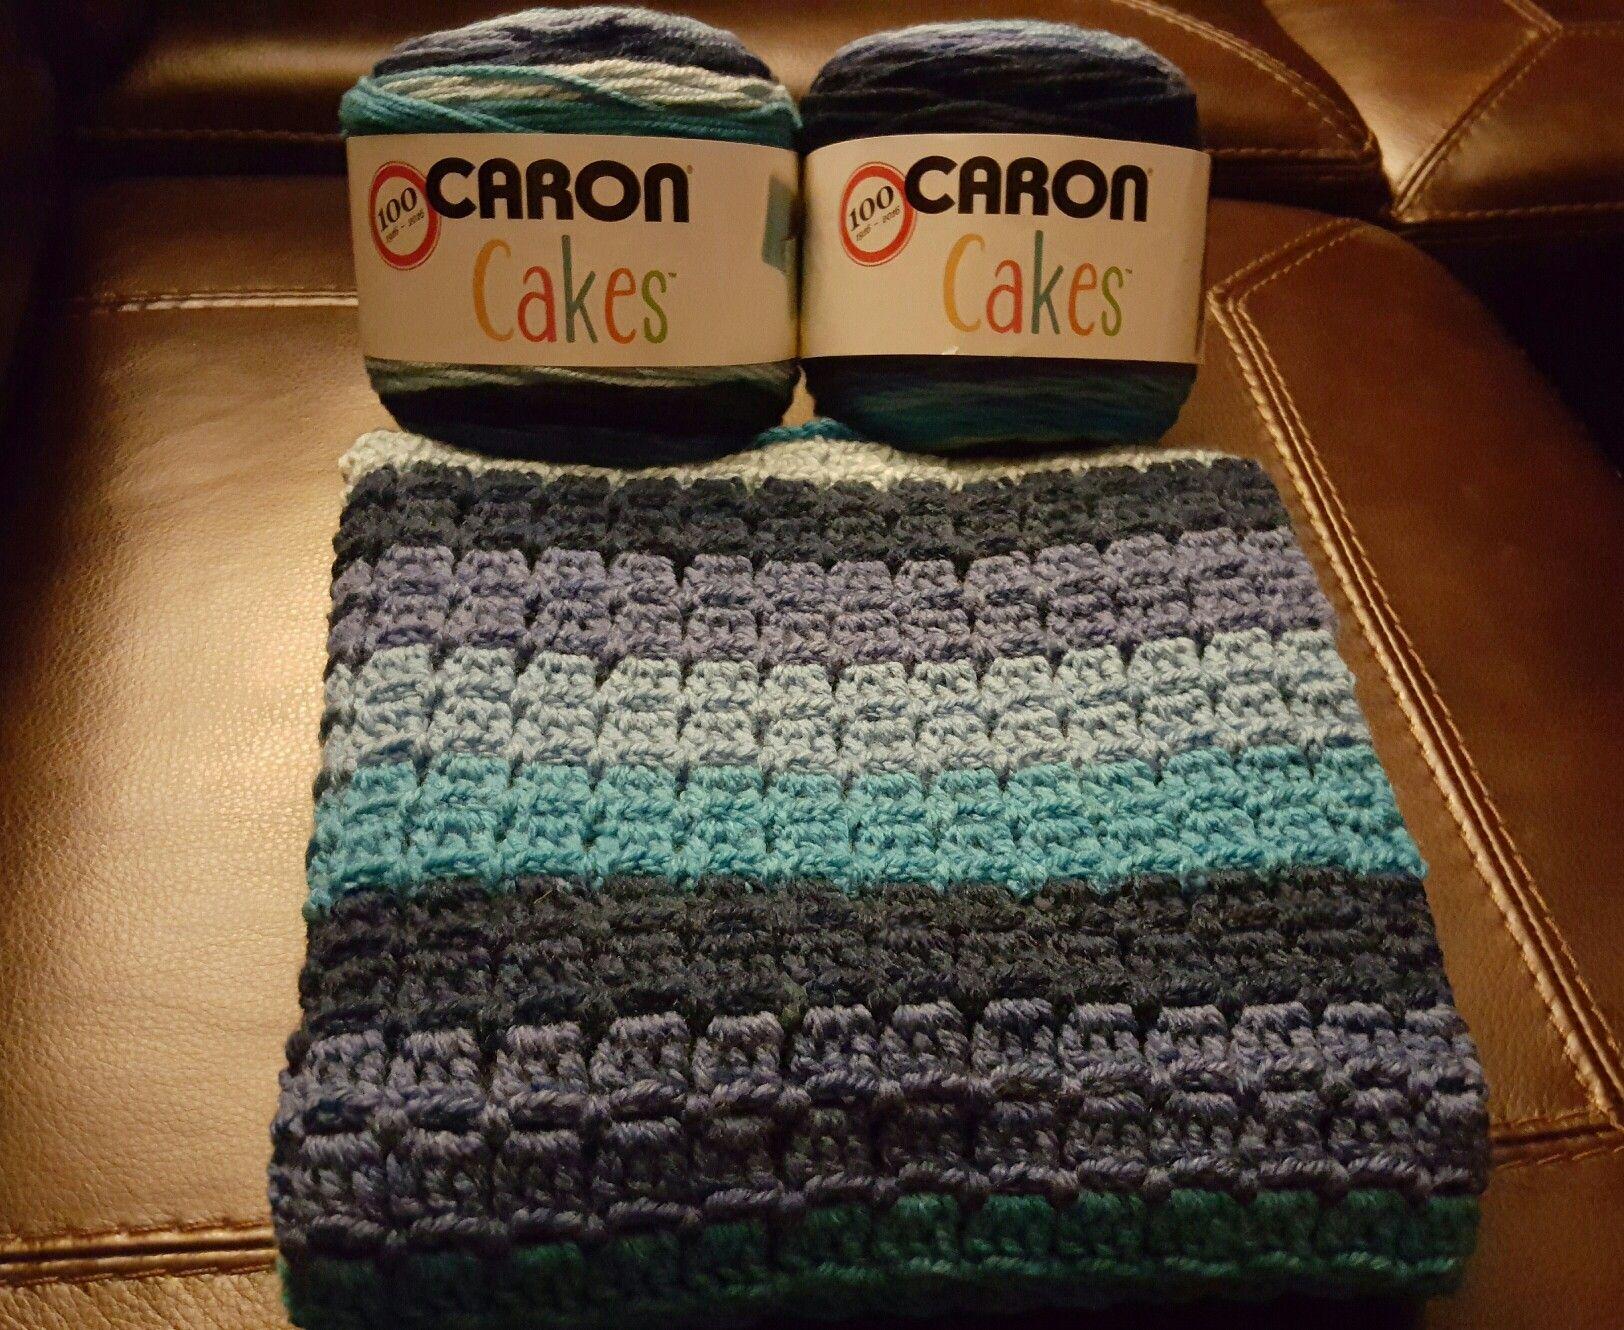 Caron cakes blueberry cheesecake crochet blanket | Caron Cakes ...